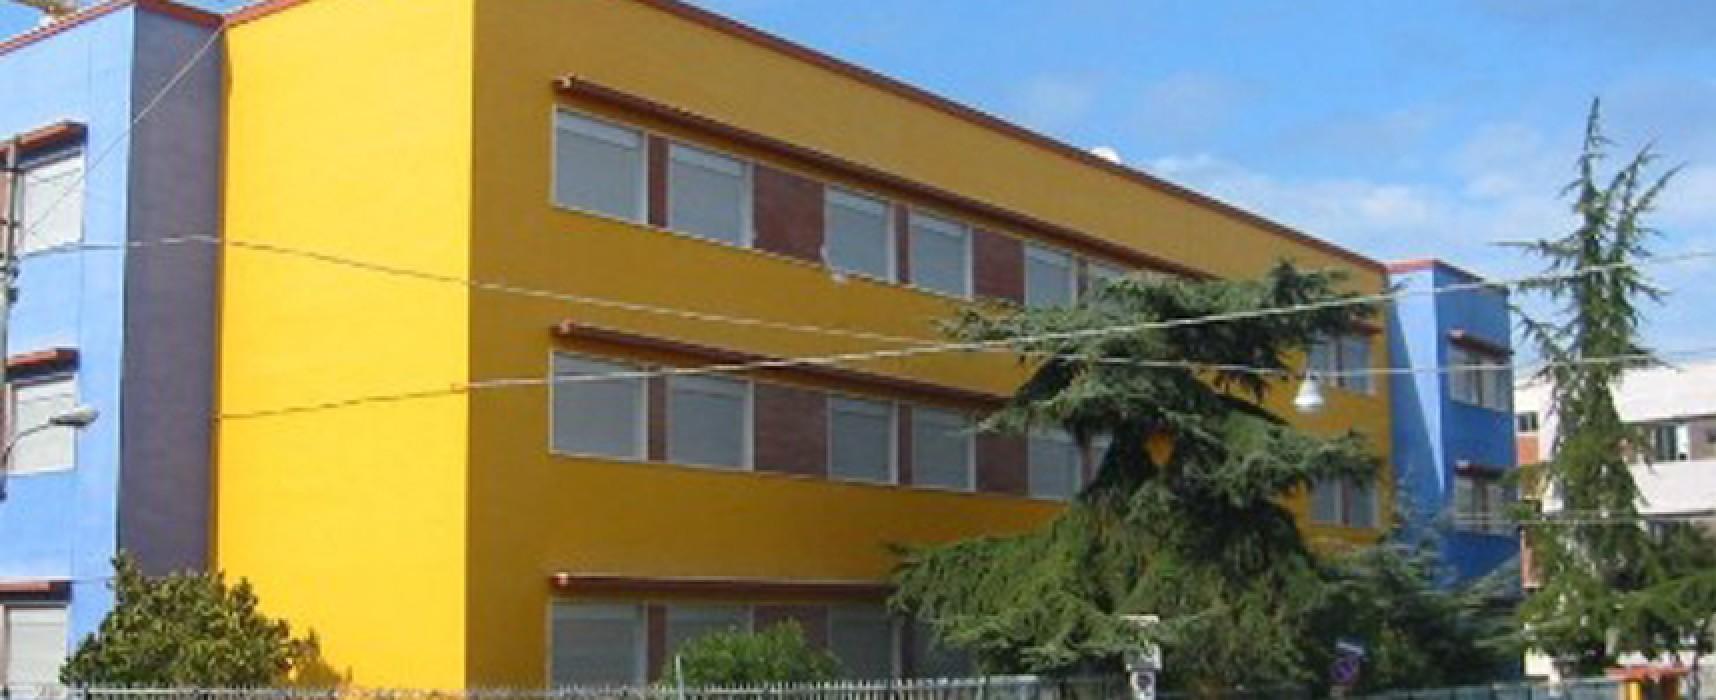 """Spina: """"Interventi edilizi e defibrillatori, un altro milione di euro per le scuole biscegliesi"""""""